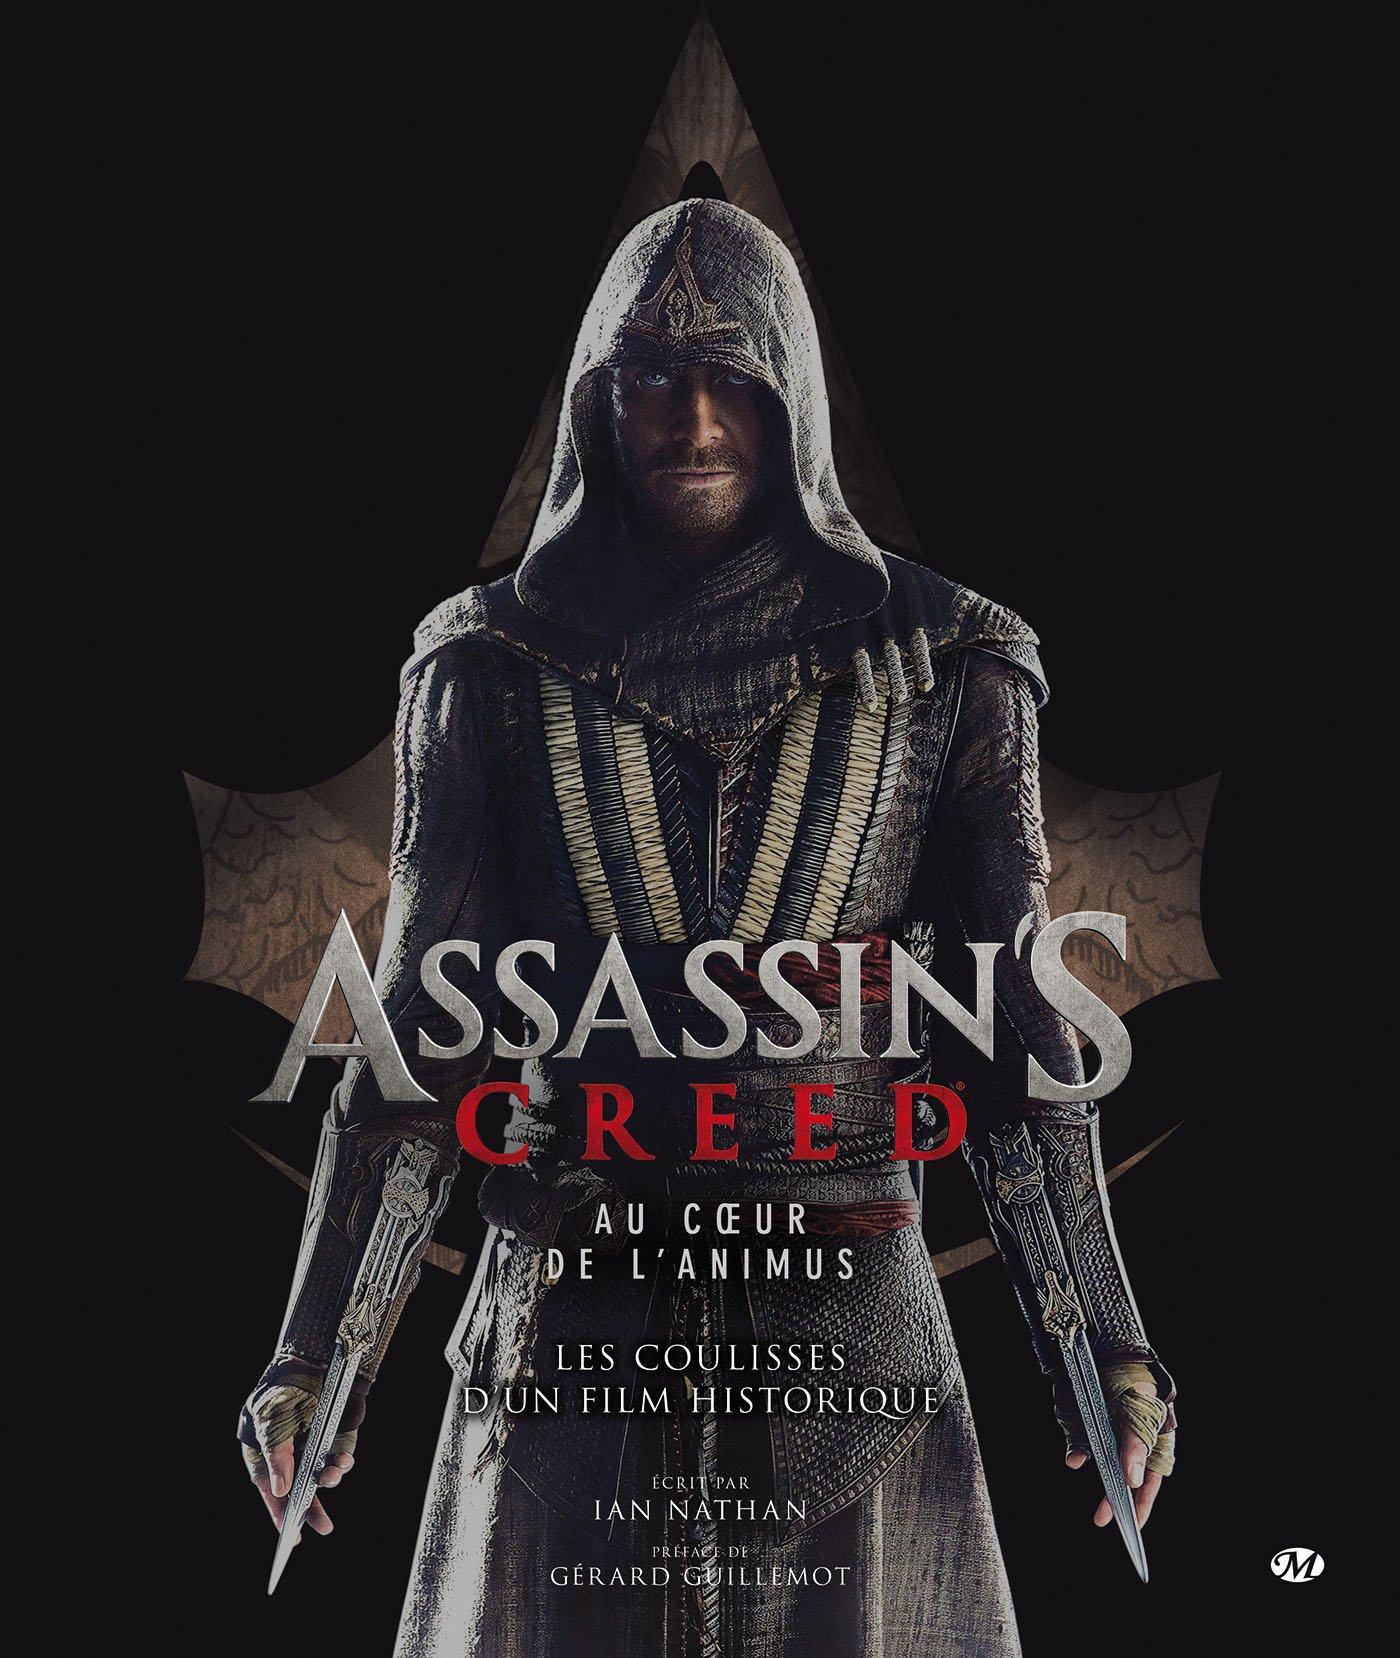 Assassin's Creed: Au cœur de l'Animus